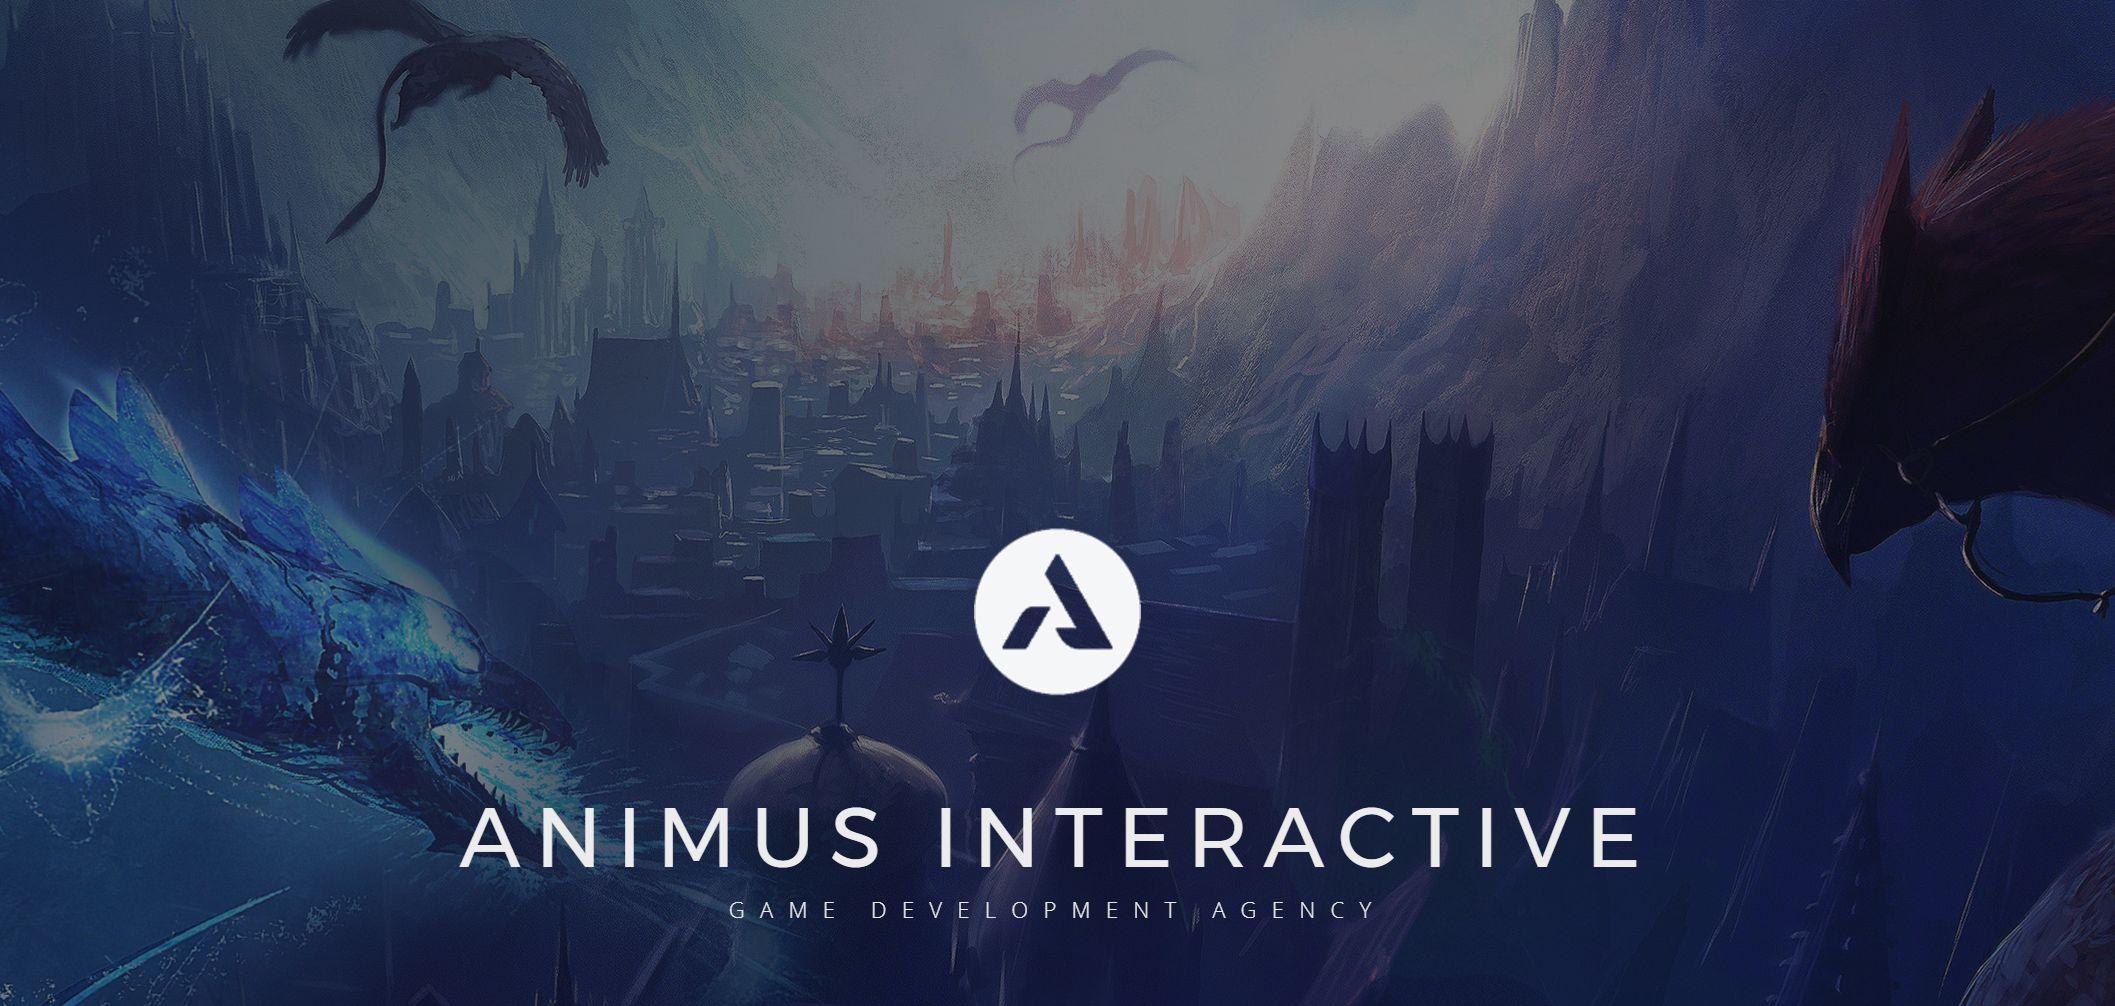 animus interactive remote work